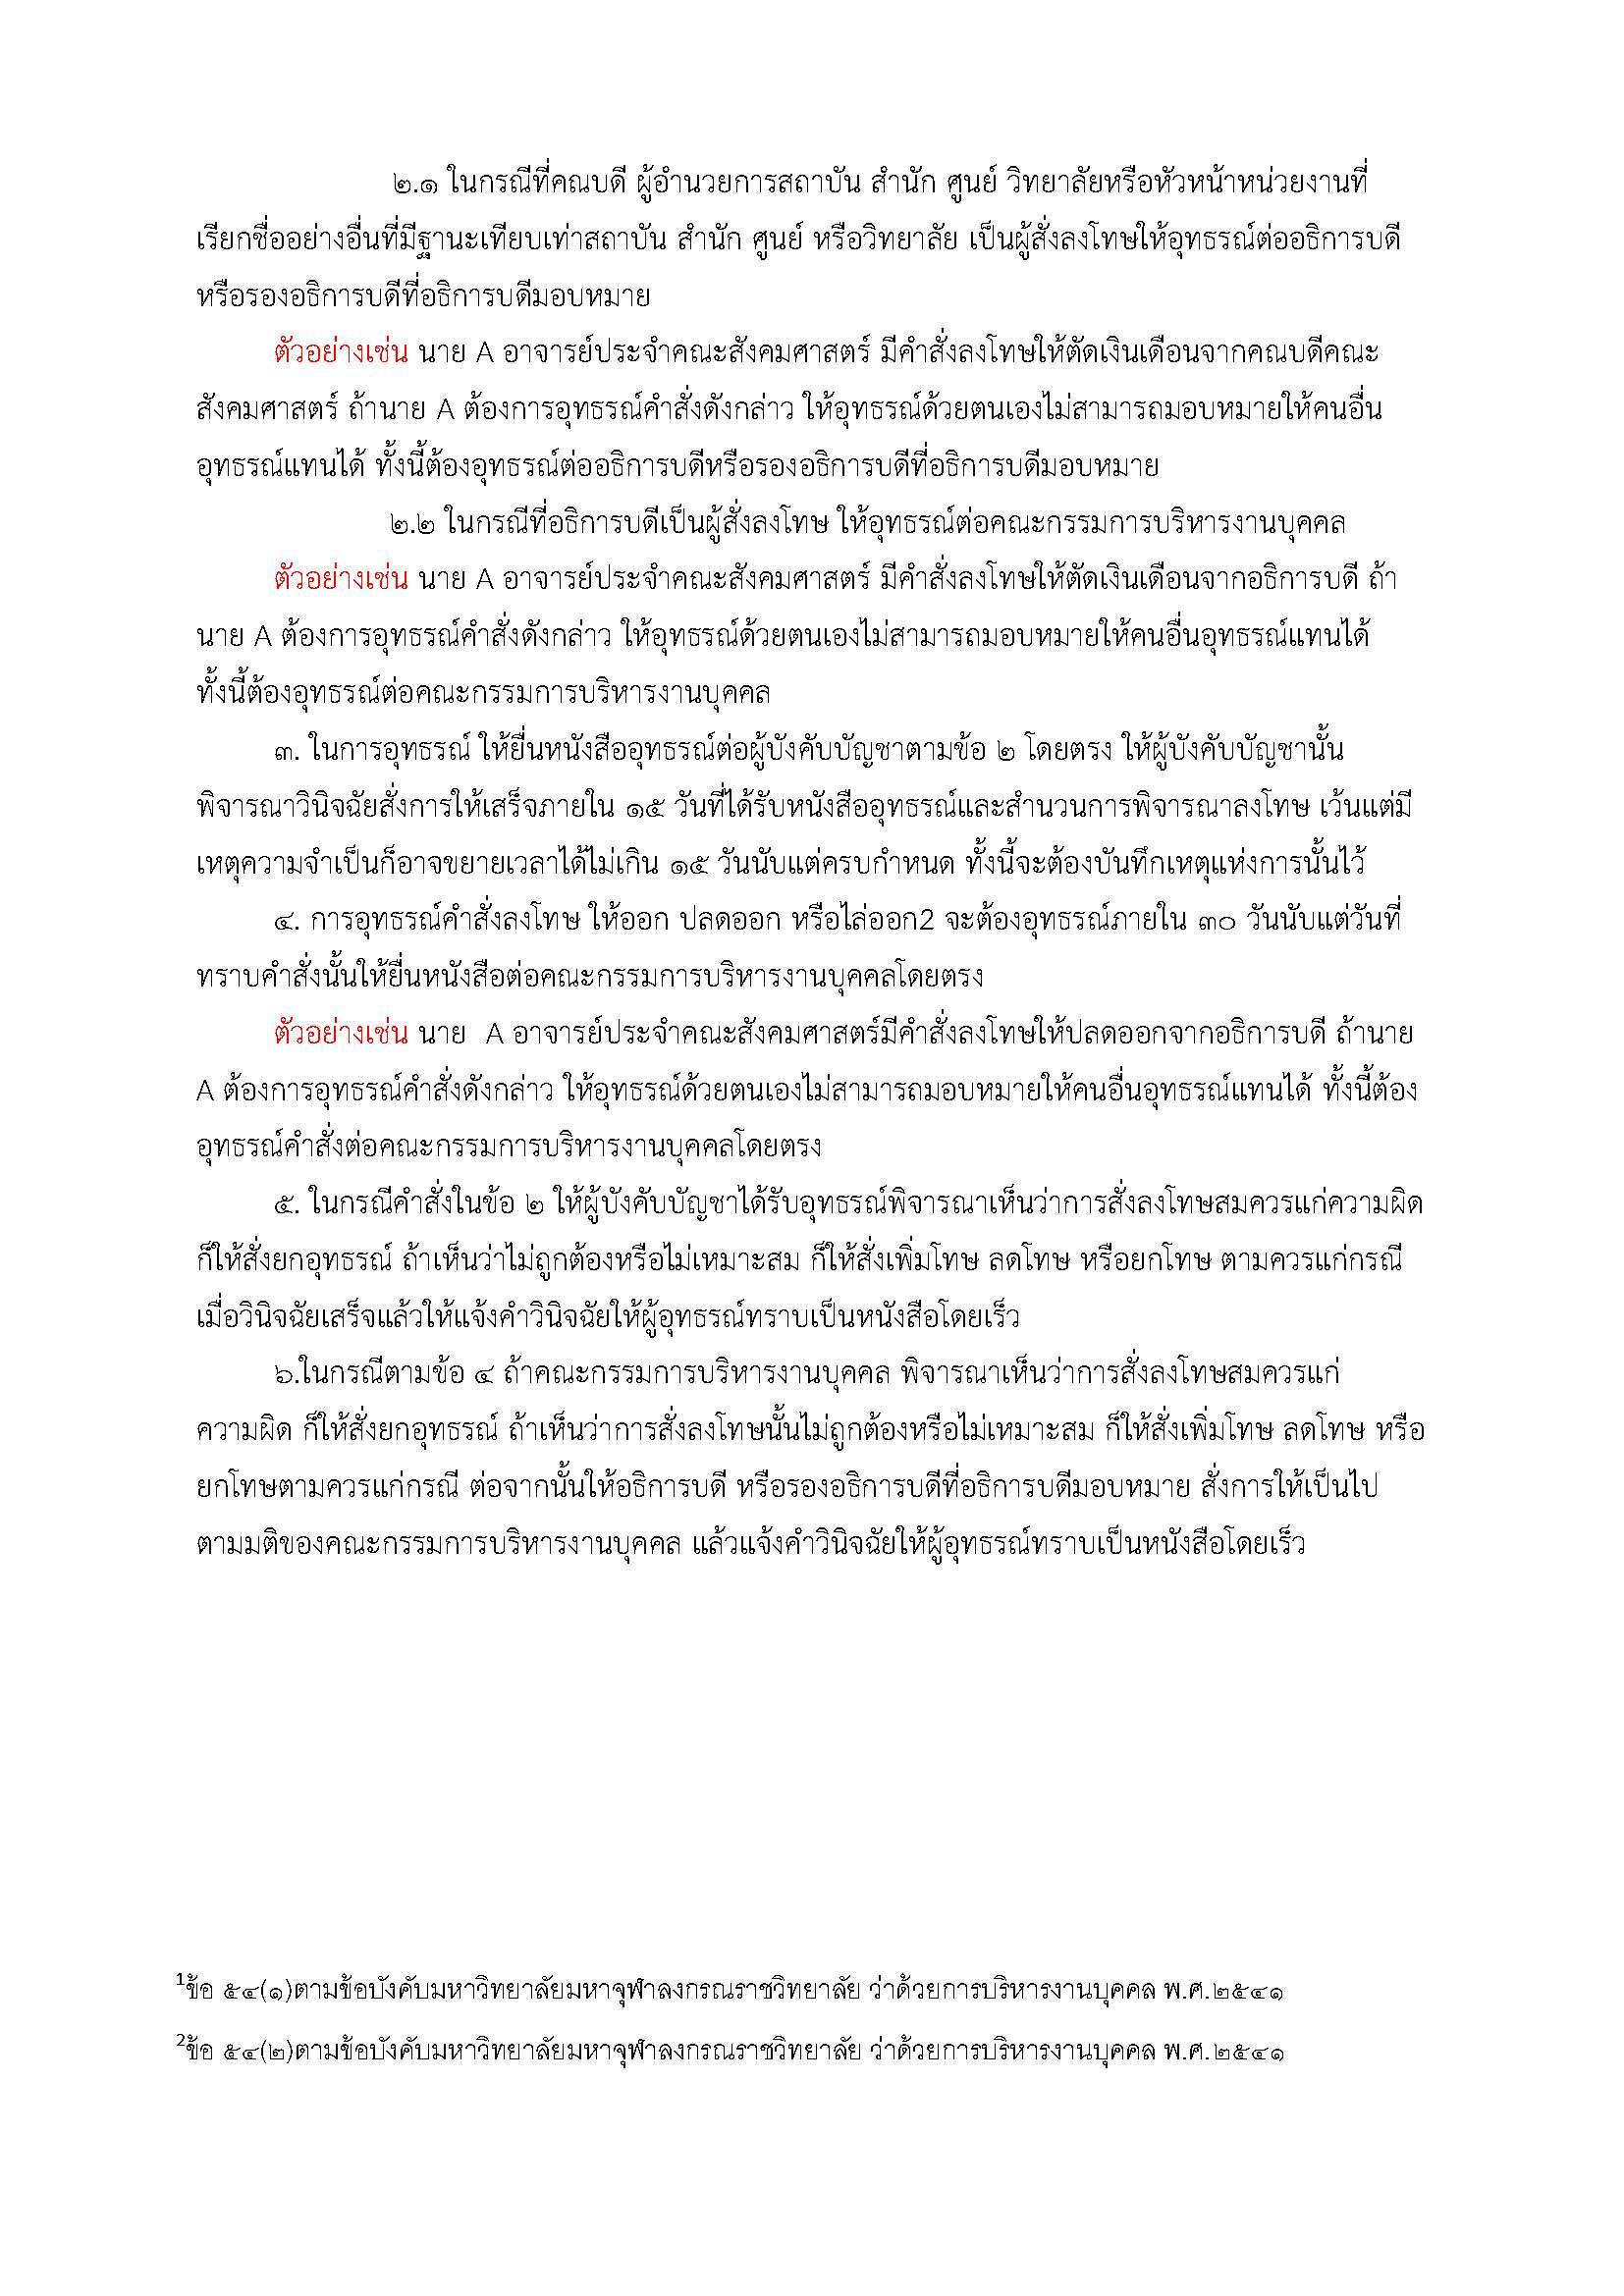 วินัย อุทธรณ์และร้องทุกข์_Page_11